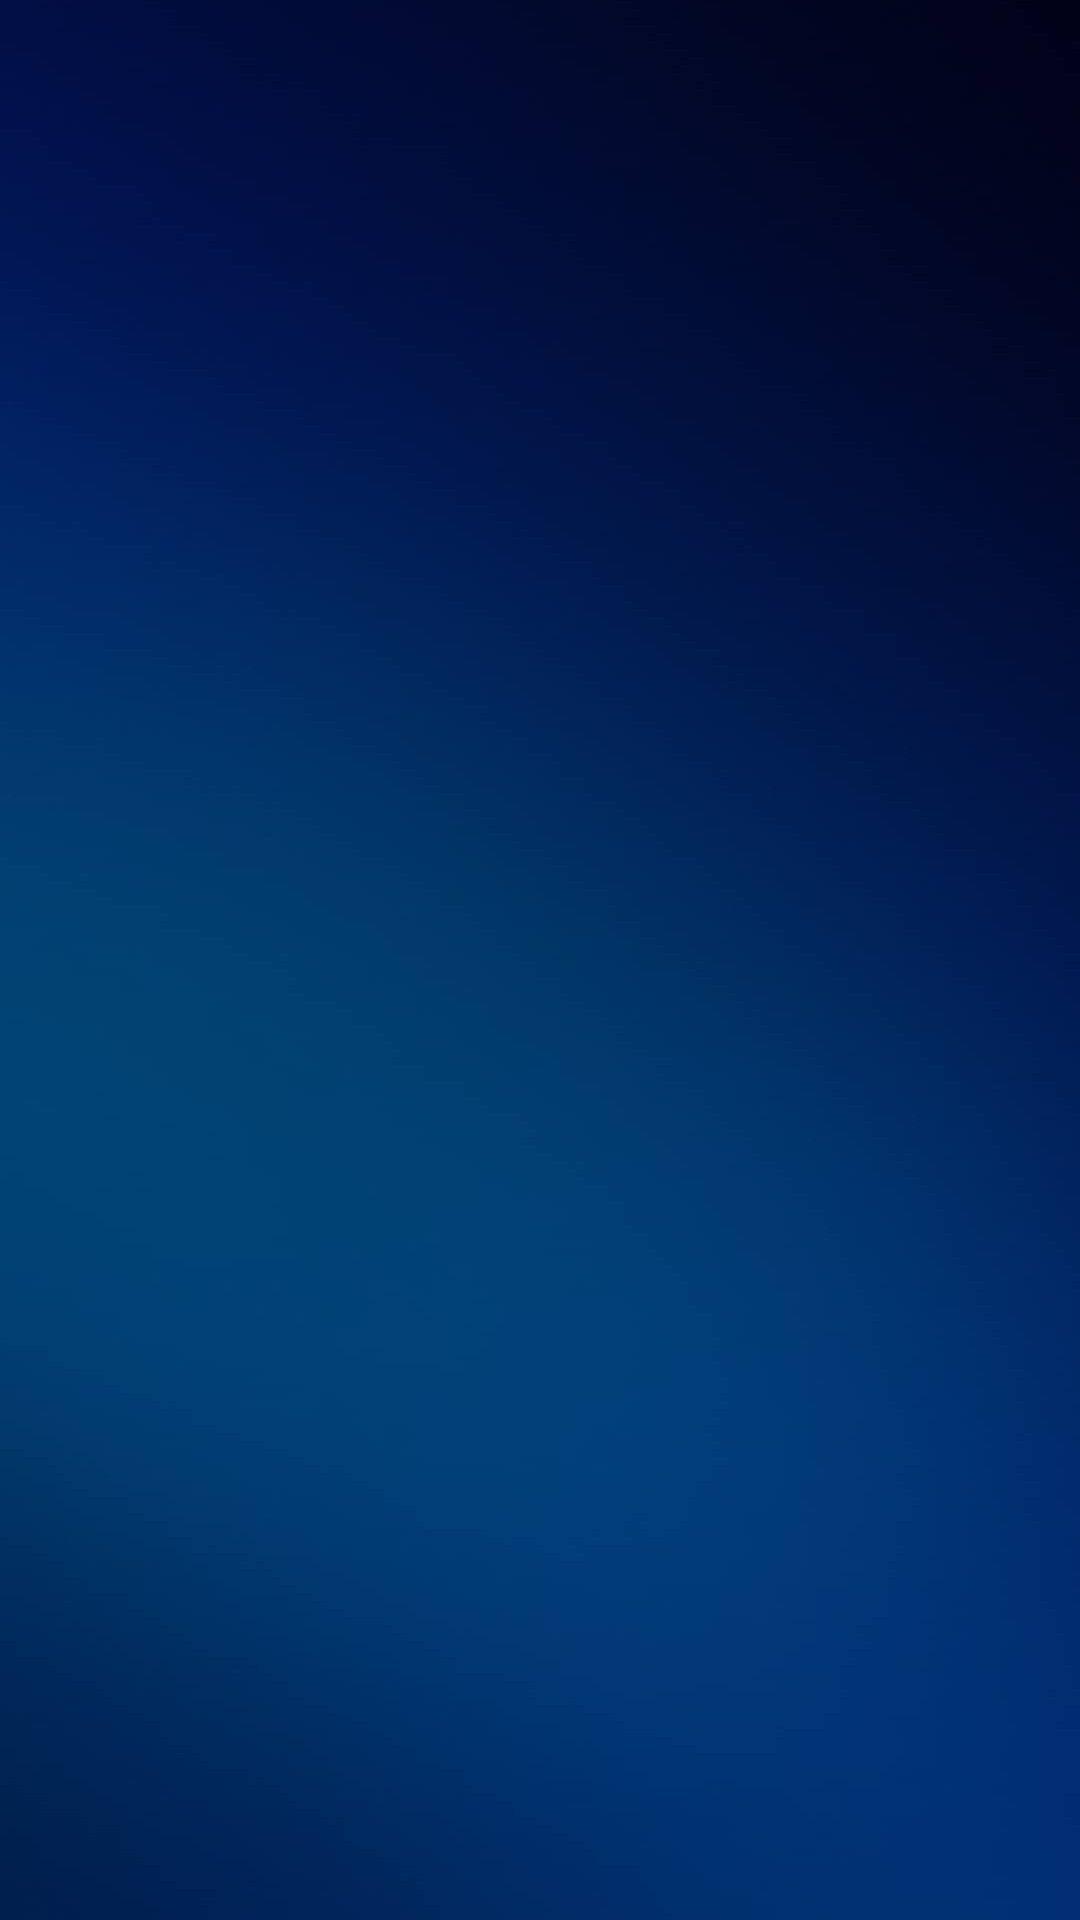 500+ Wallpaper Iphone Samsung HD Paling Keren